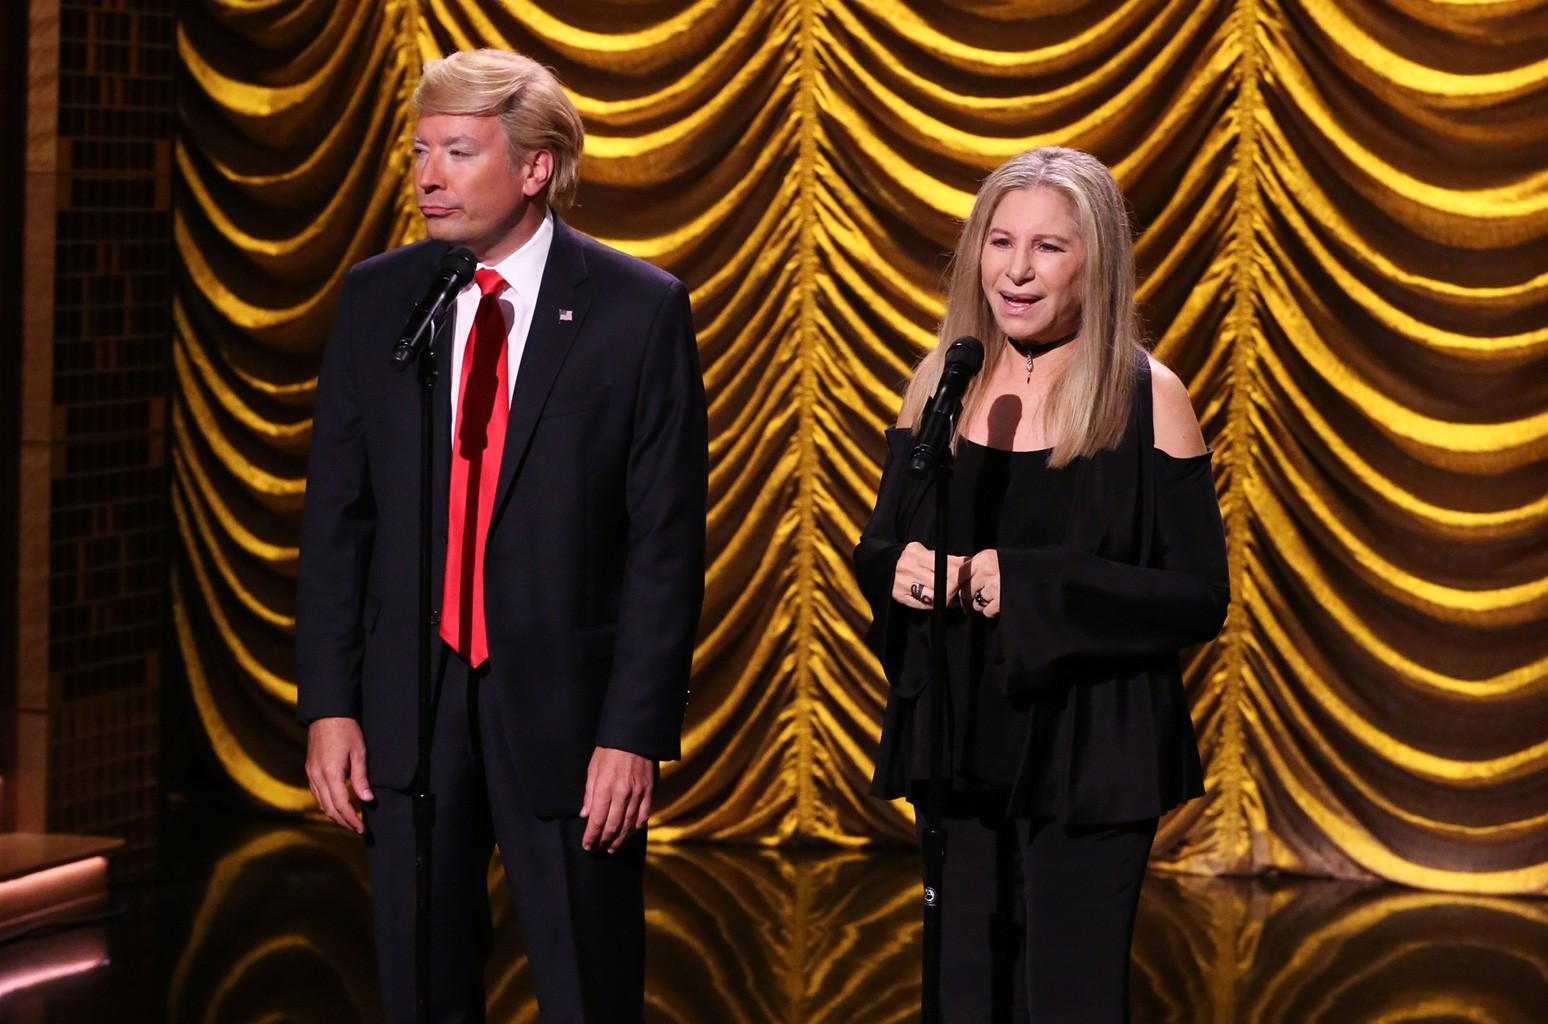 Jimmy Fallon & Barbra Streisand